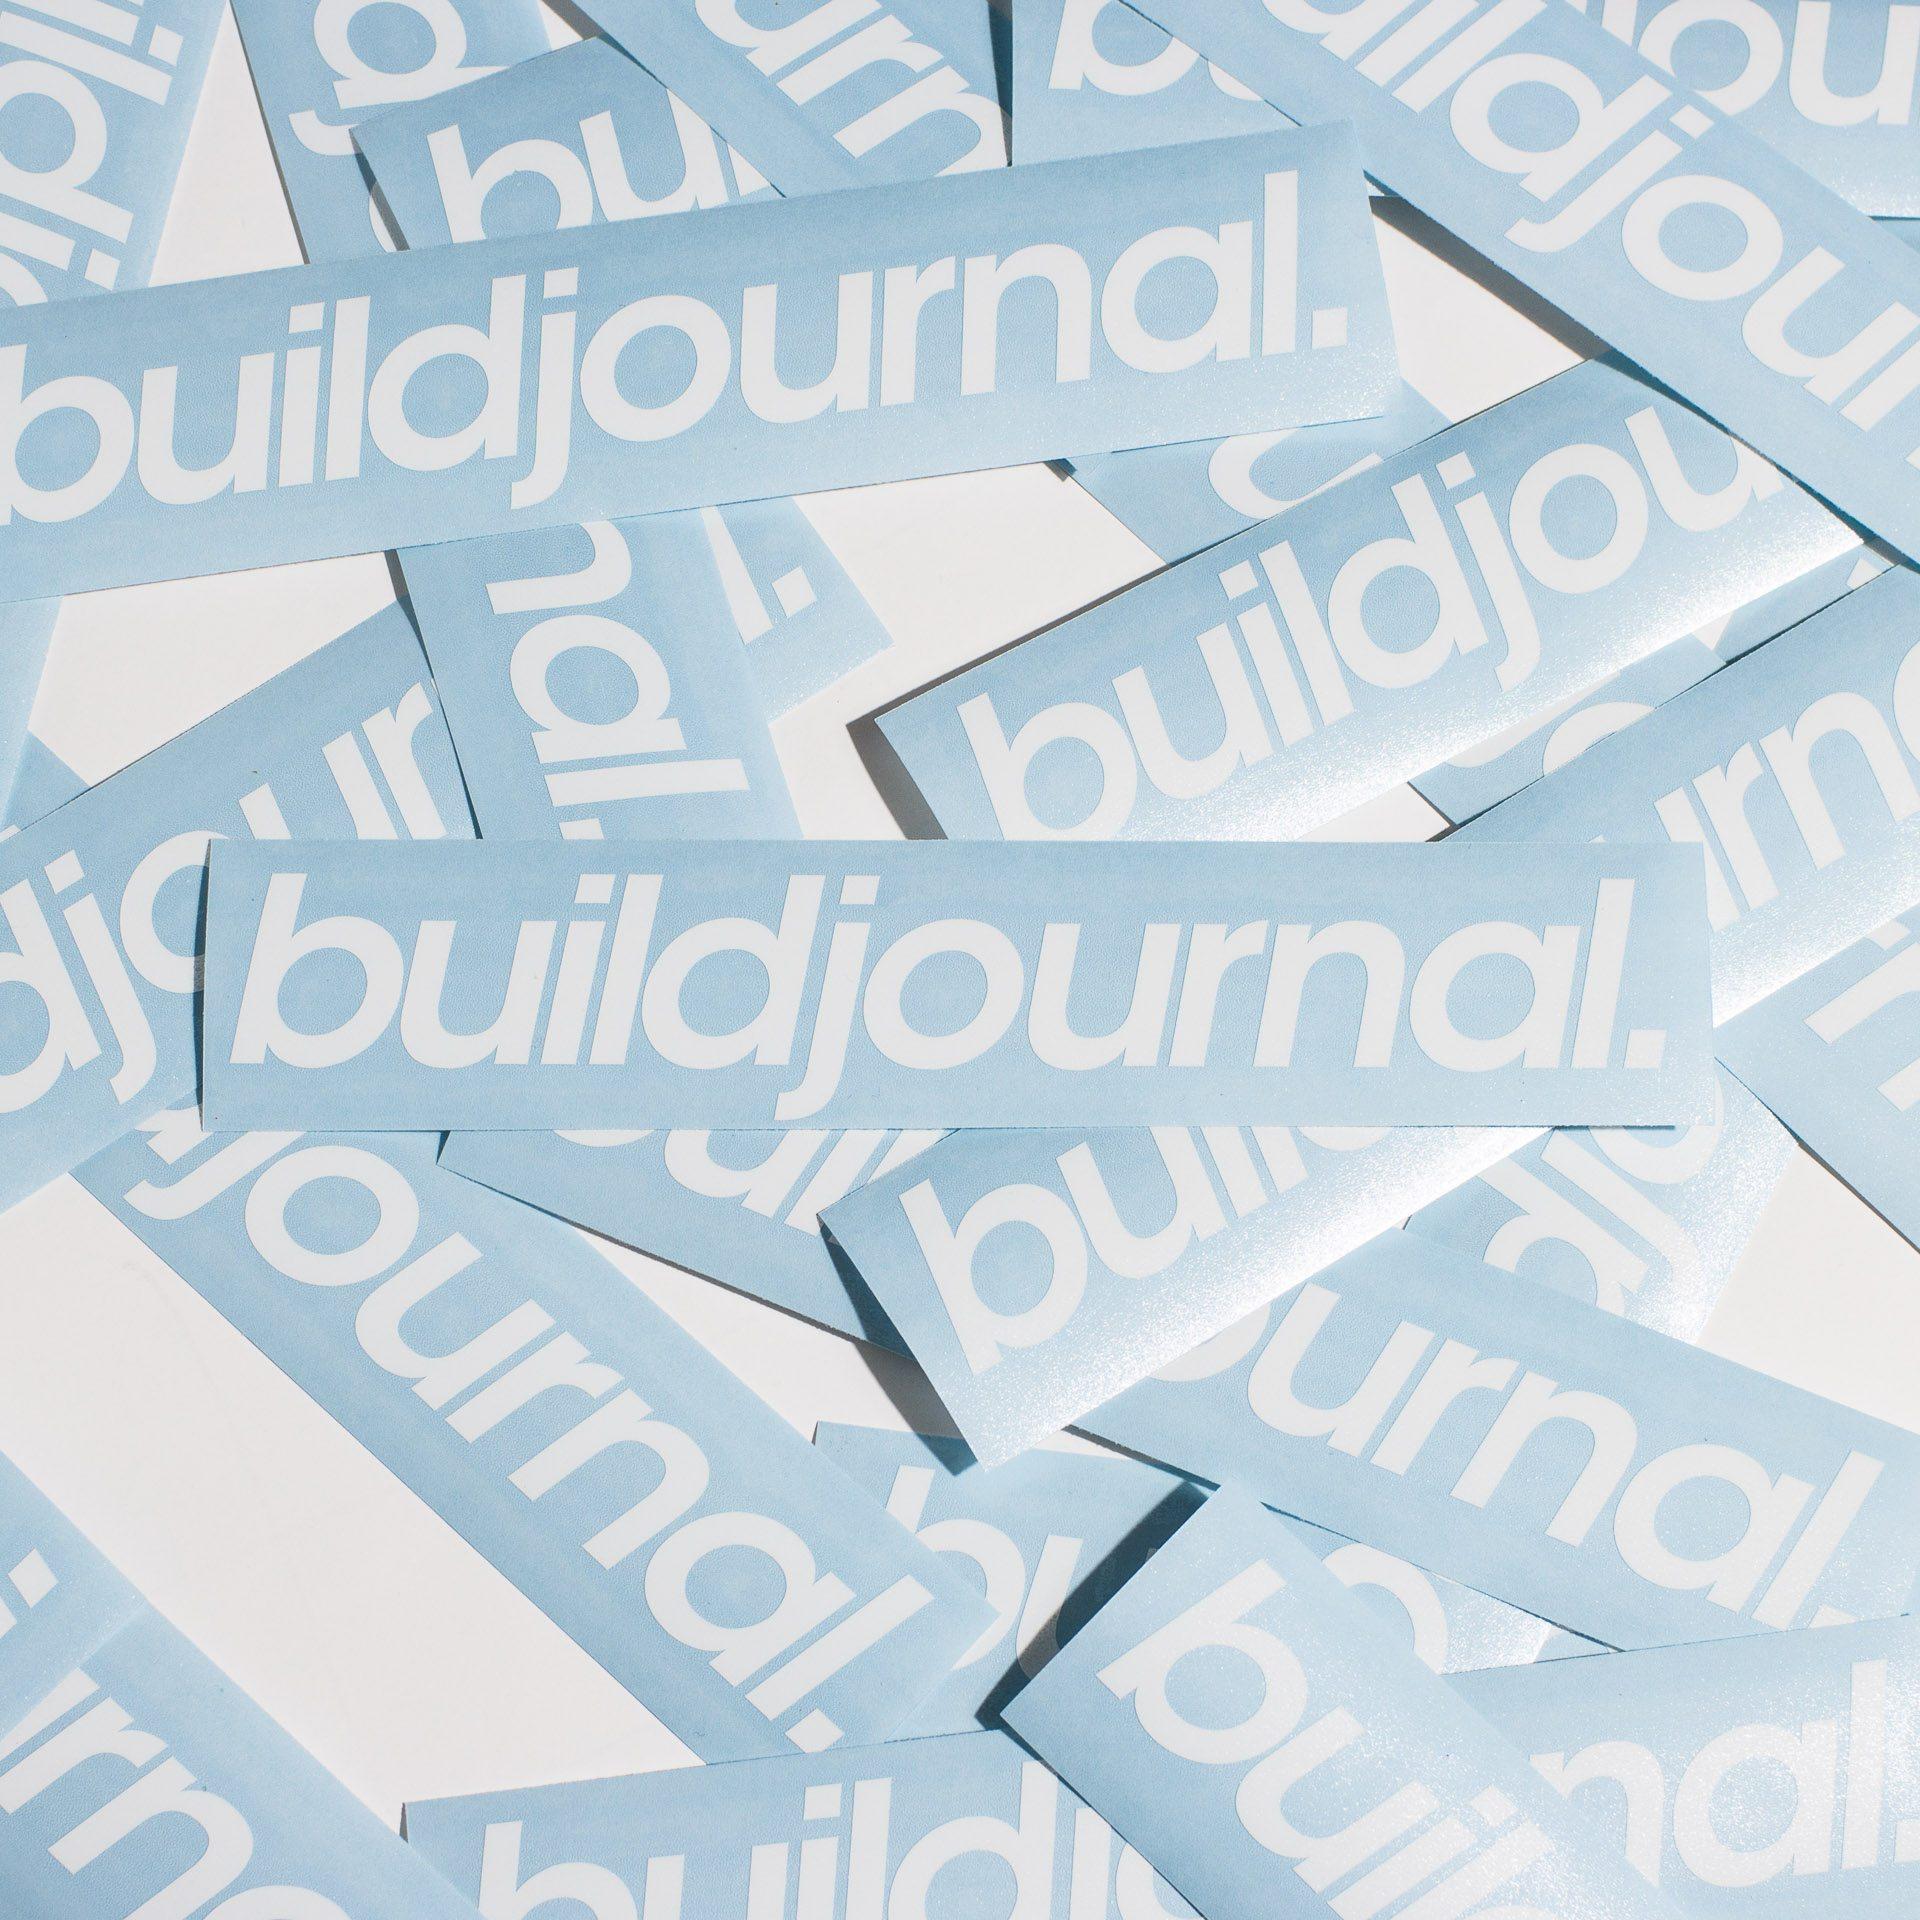 """Buildjournal 8.5"""" Die Cut Sticker White"""